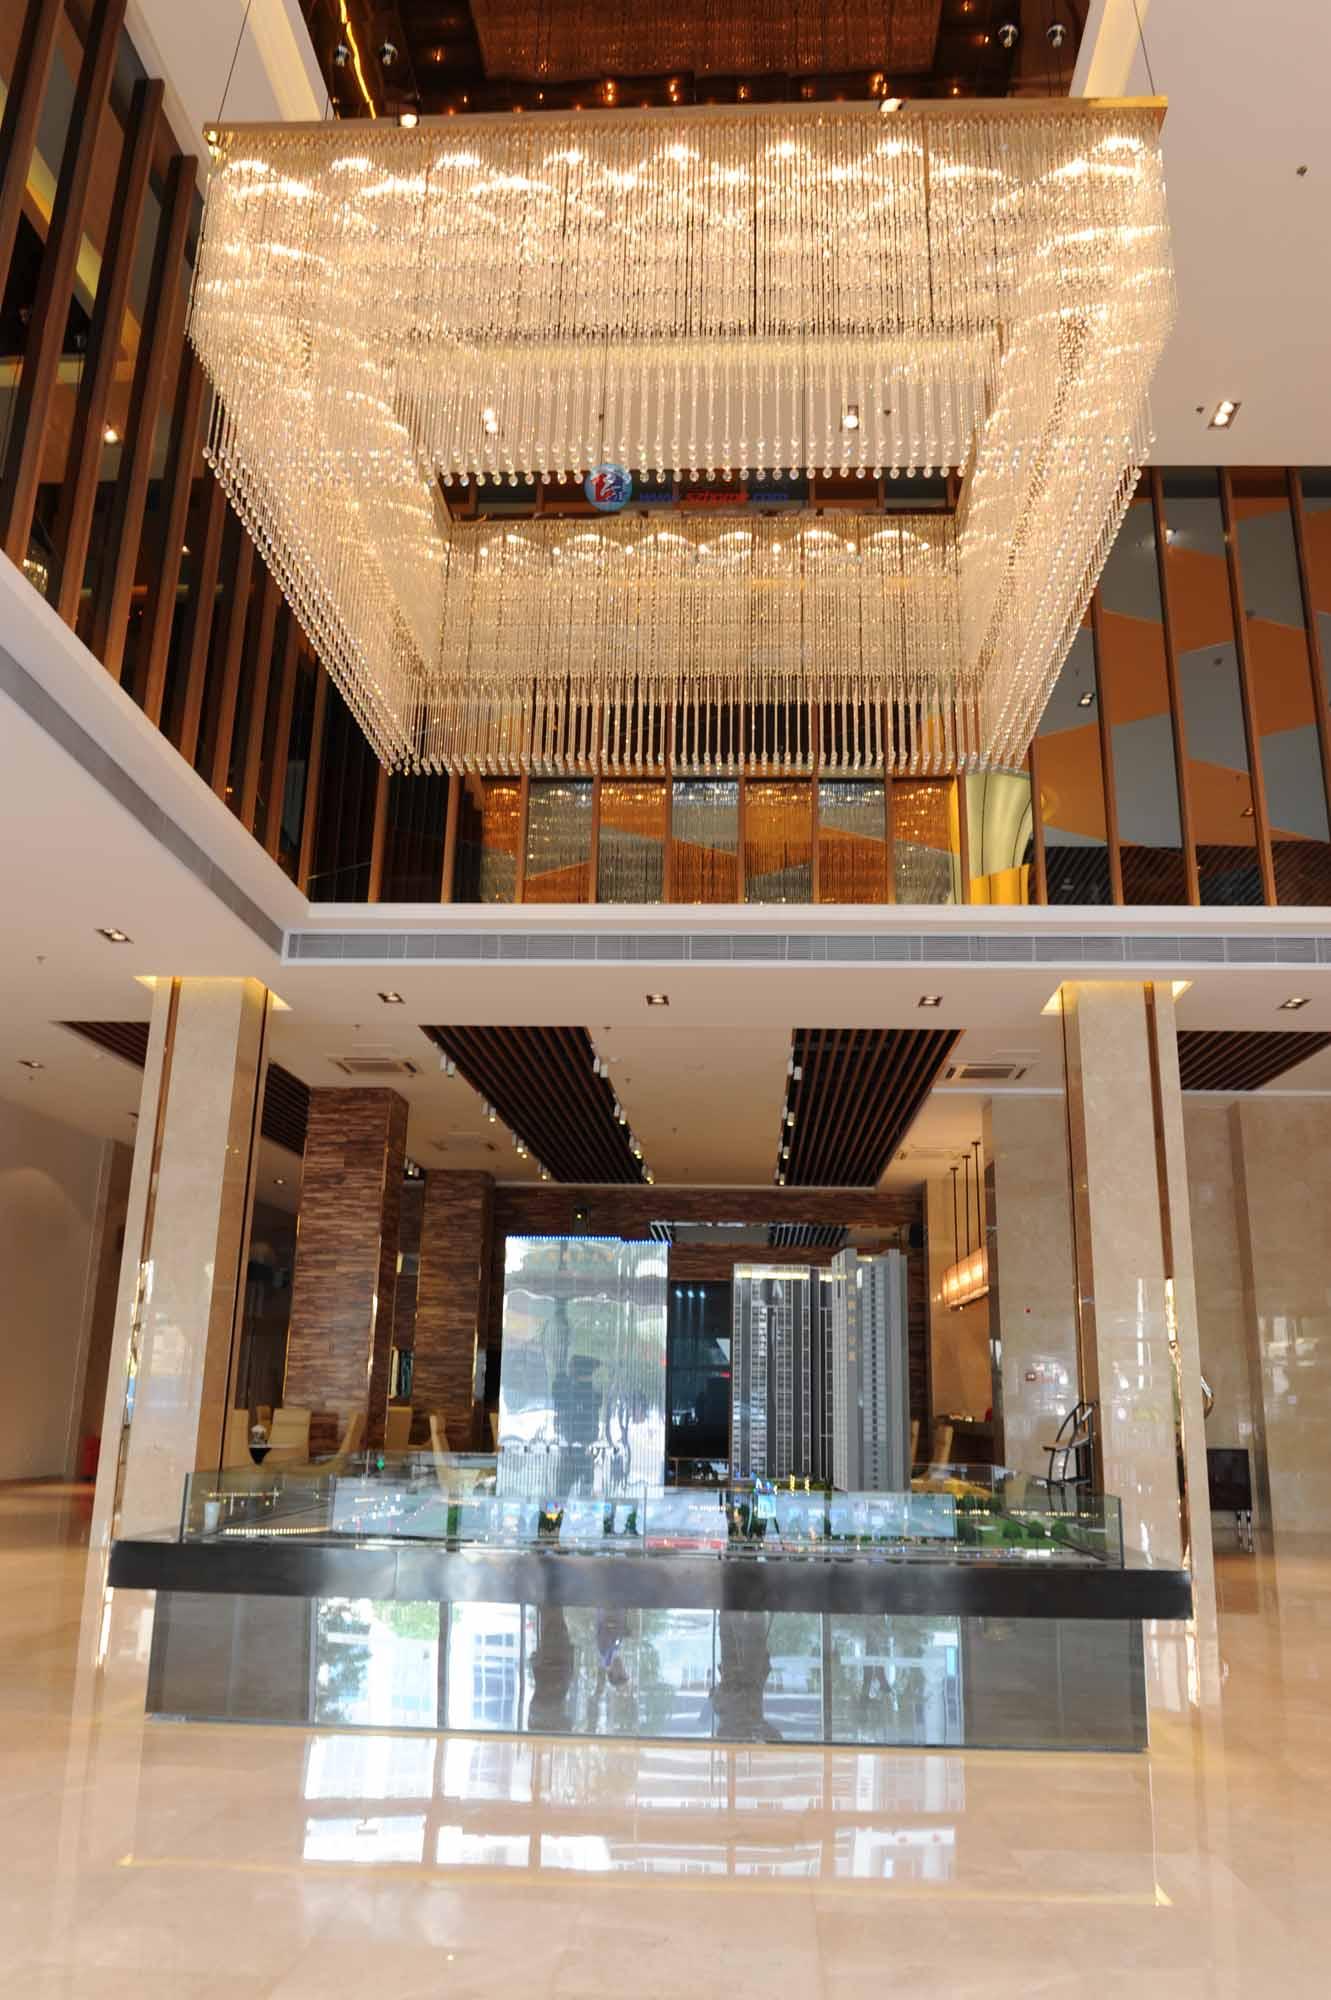 南园枫叶广场-南园枫叶公寓楼盘相册-深圳房地产信息网图片